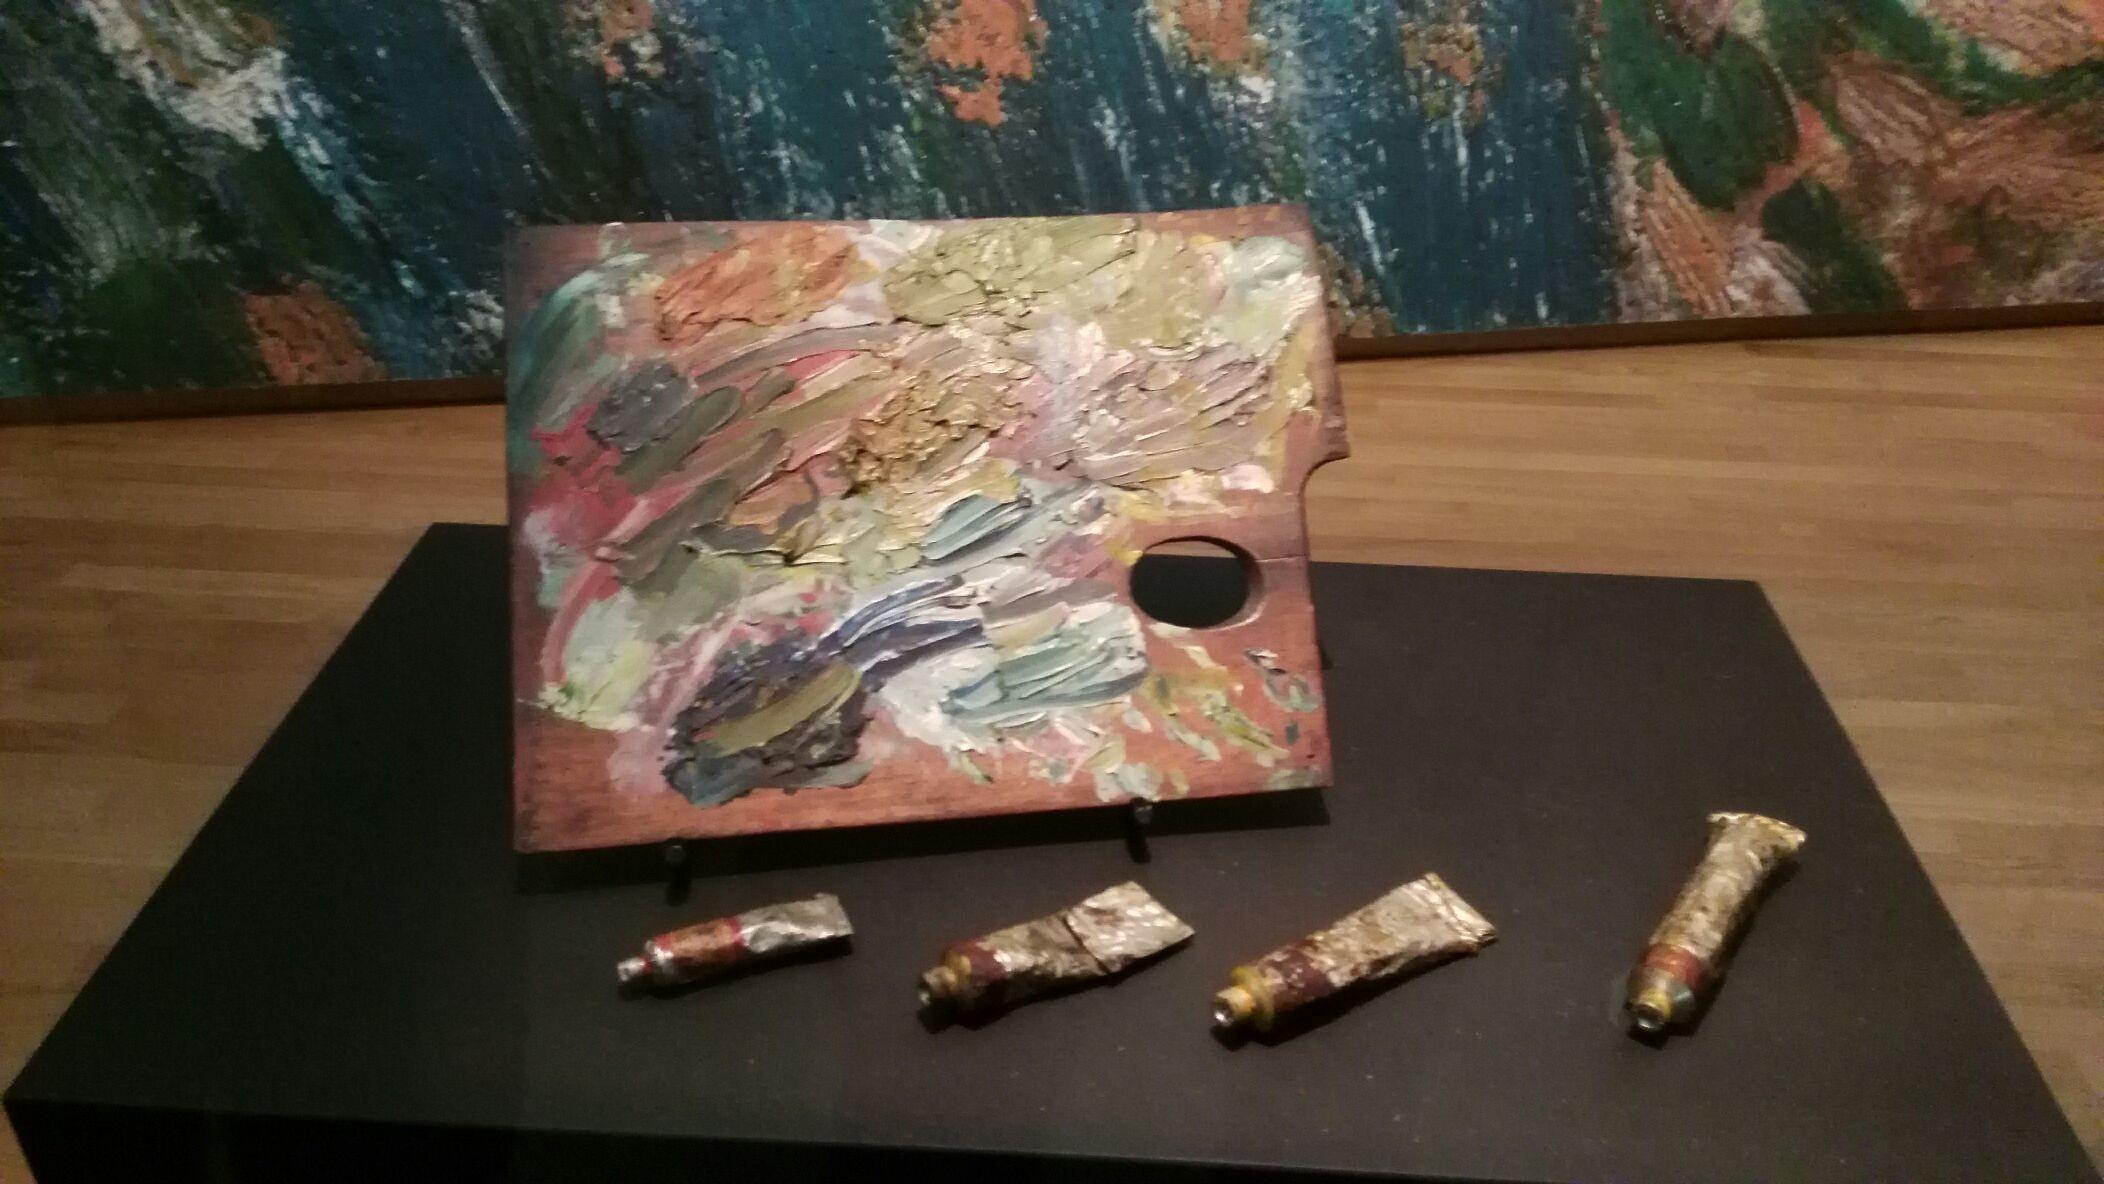 Vincent Van Gogh Museum: strumenti di pittura di Van Gogh. Museo stupendo ma mancante di alcuni pezzi: Notte stellata e Ritratto del dottor Gaschet ma non so se il secondo quadro esista ancora.